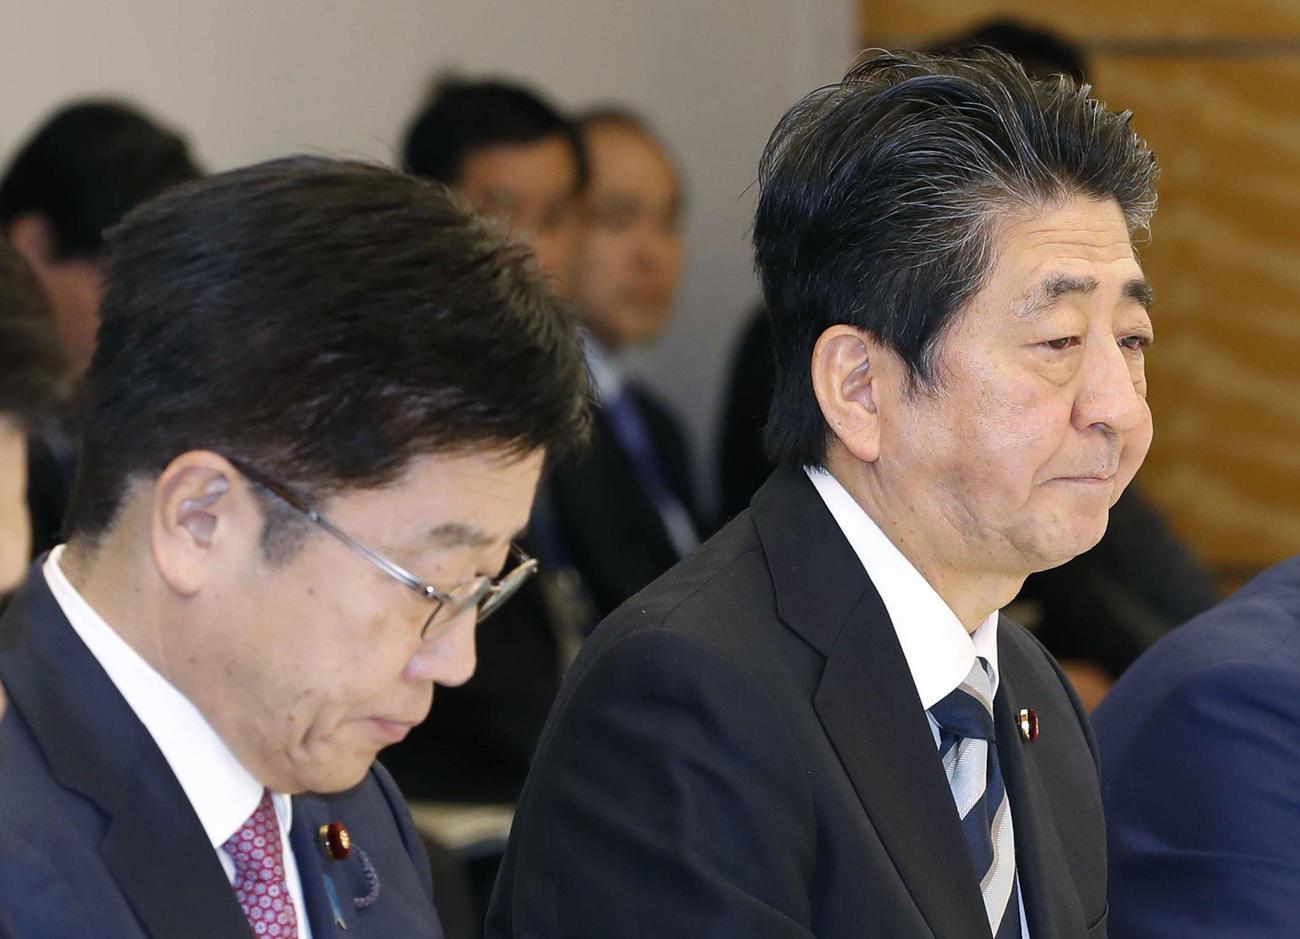 新型コロナウイルス感染症対策本部会合に臨む安倍首相(右)と加藤厚労相